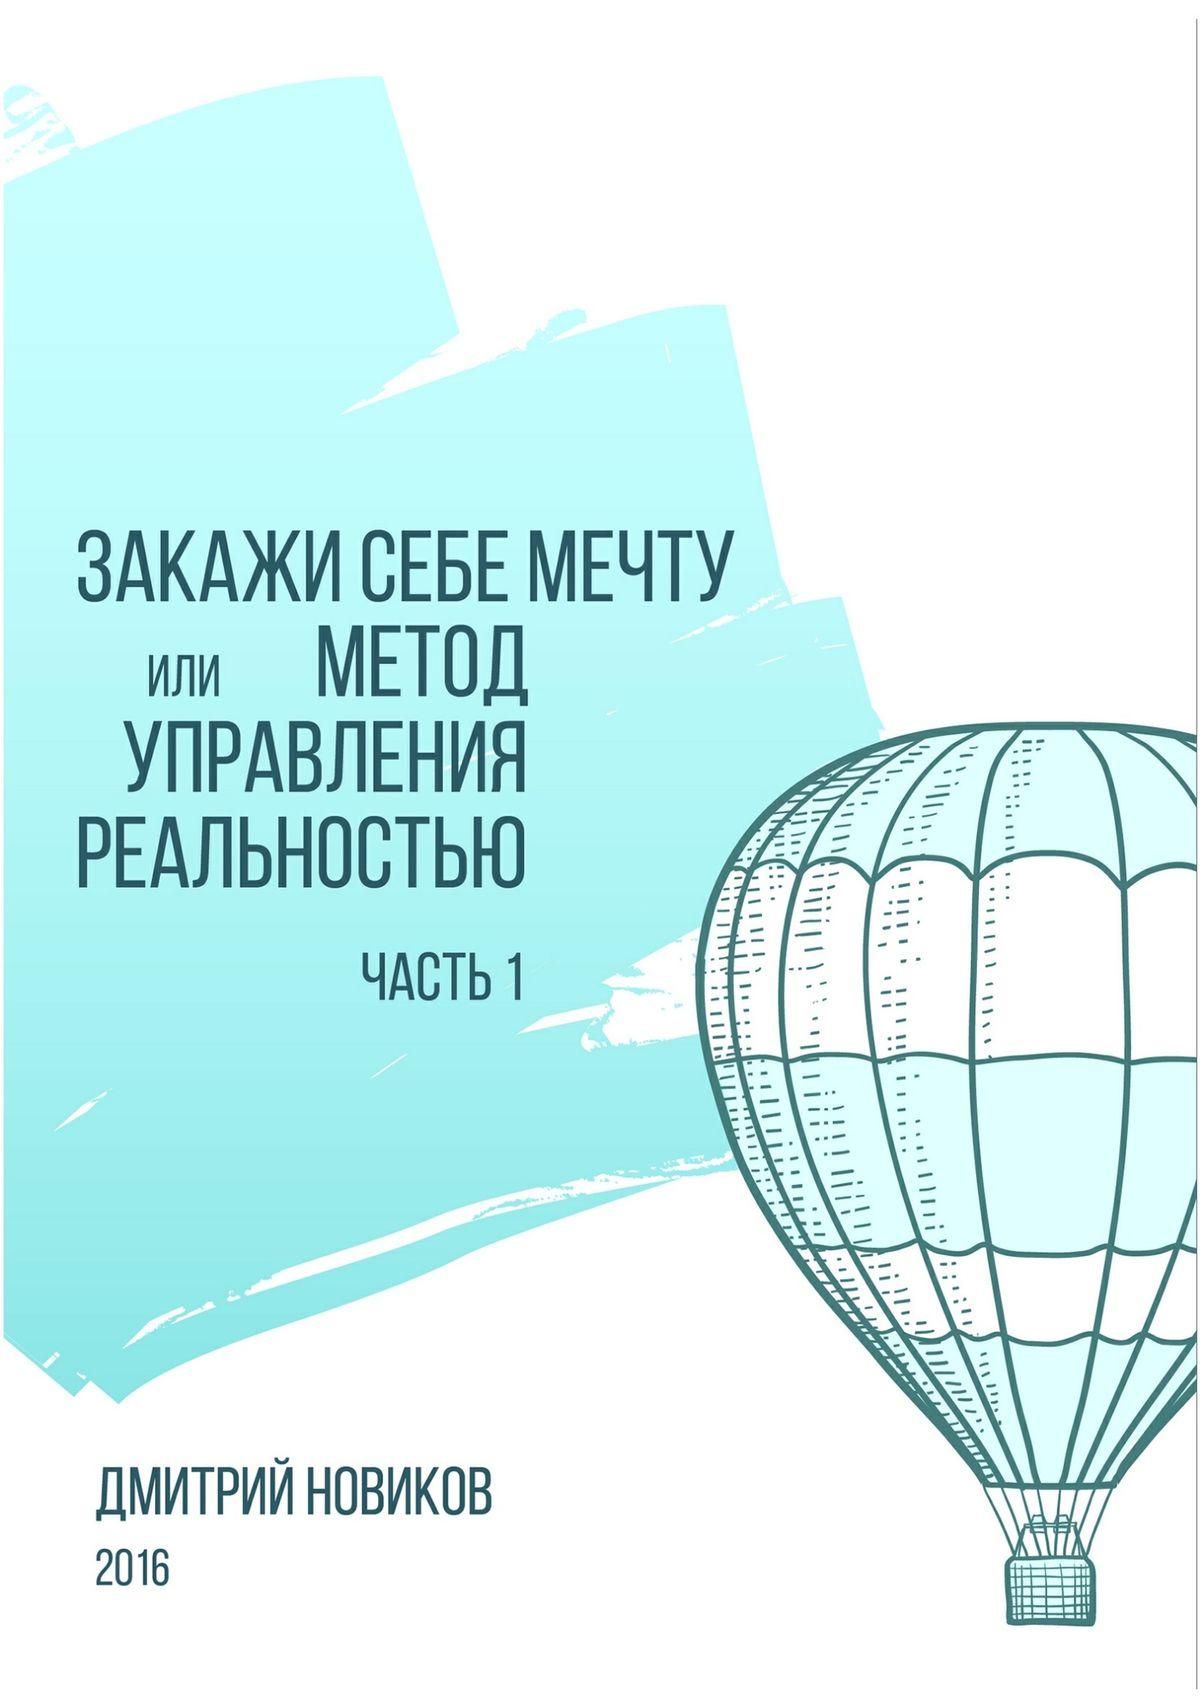 Дмитрий Новиков Закажи себе мечту, или Метод управления реальностью. Часть 1 анжелика рыбак поисксилы чем ты сможешь пожертвовать